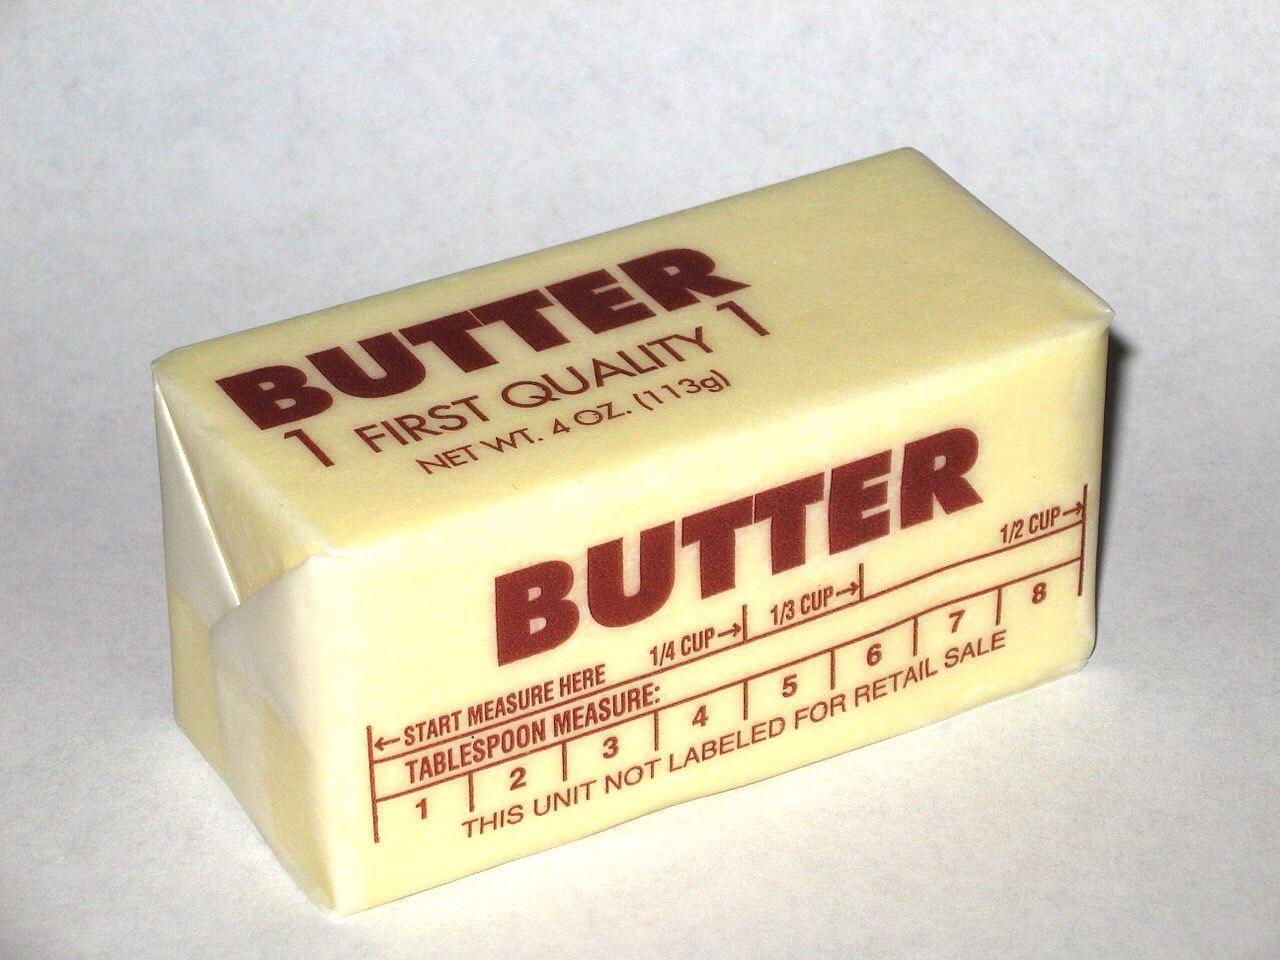 4 tbsp of butter